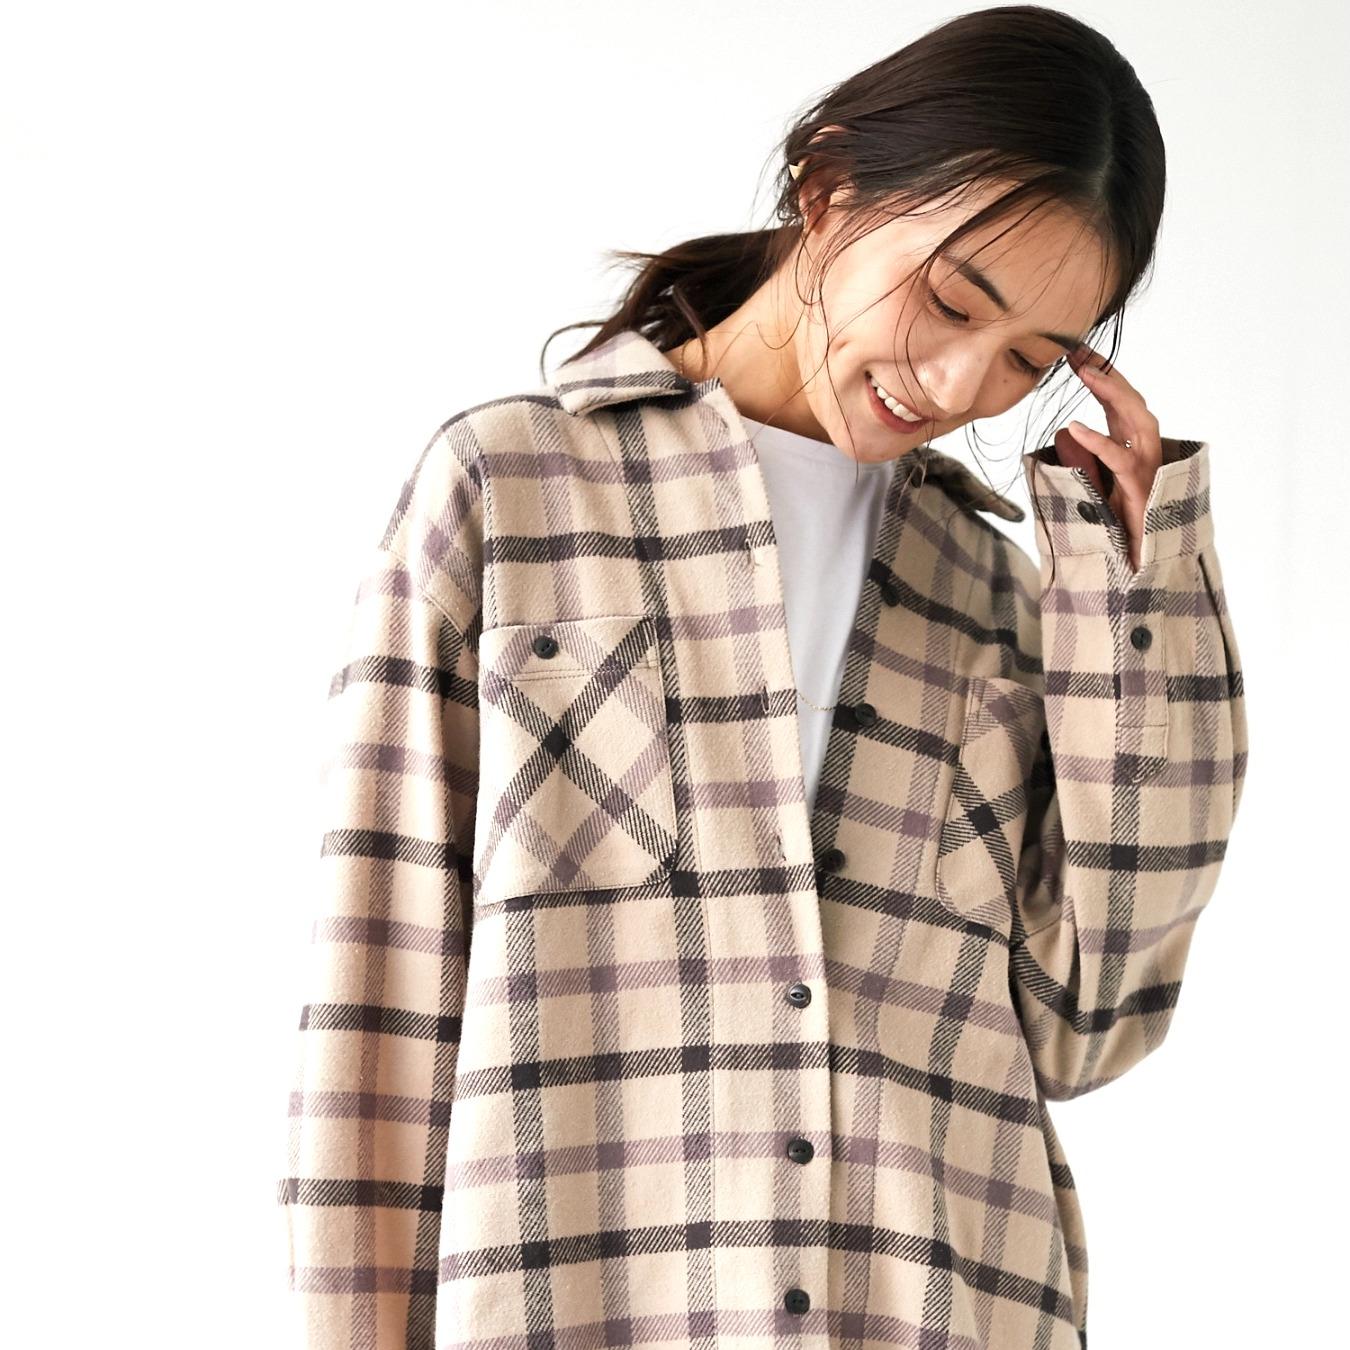 2022最新のシャツをおしゃれに着こなす冬コーデ。大人女性のおすすめはこれ